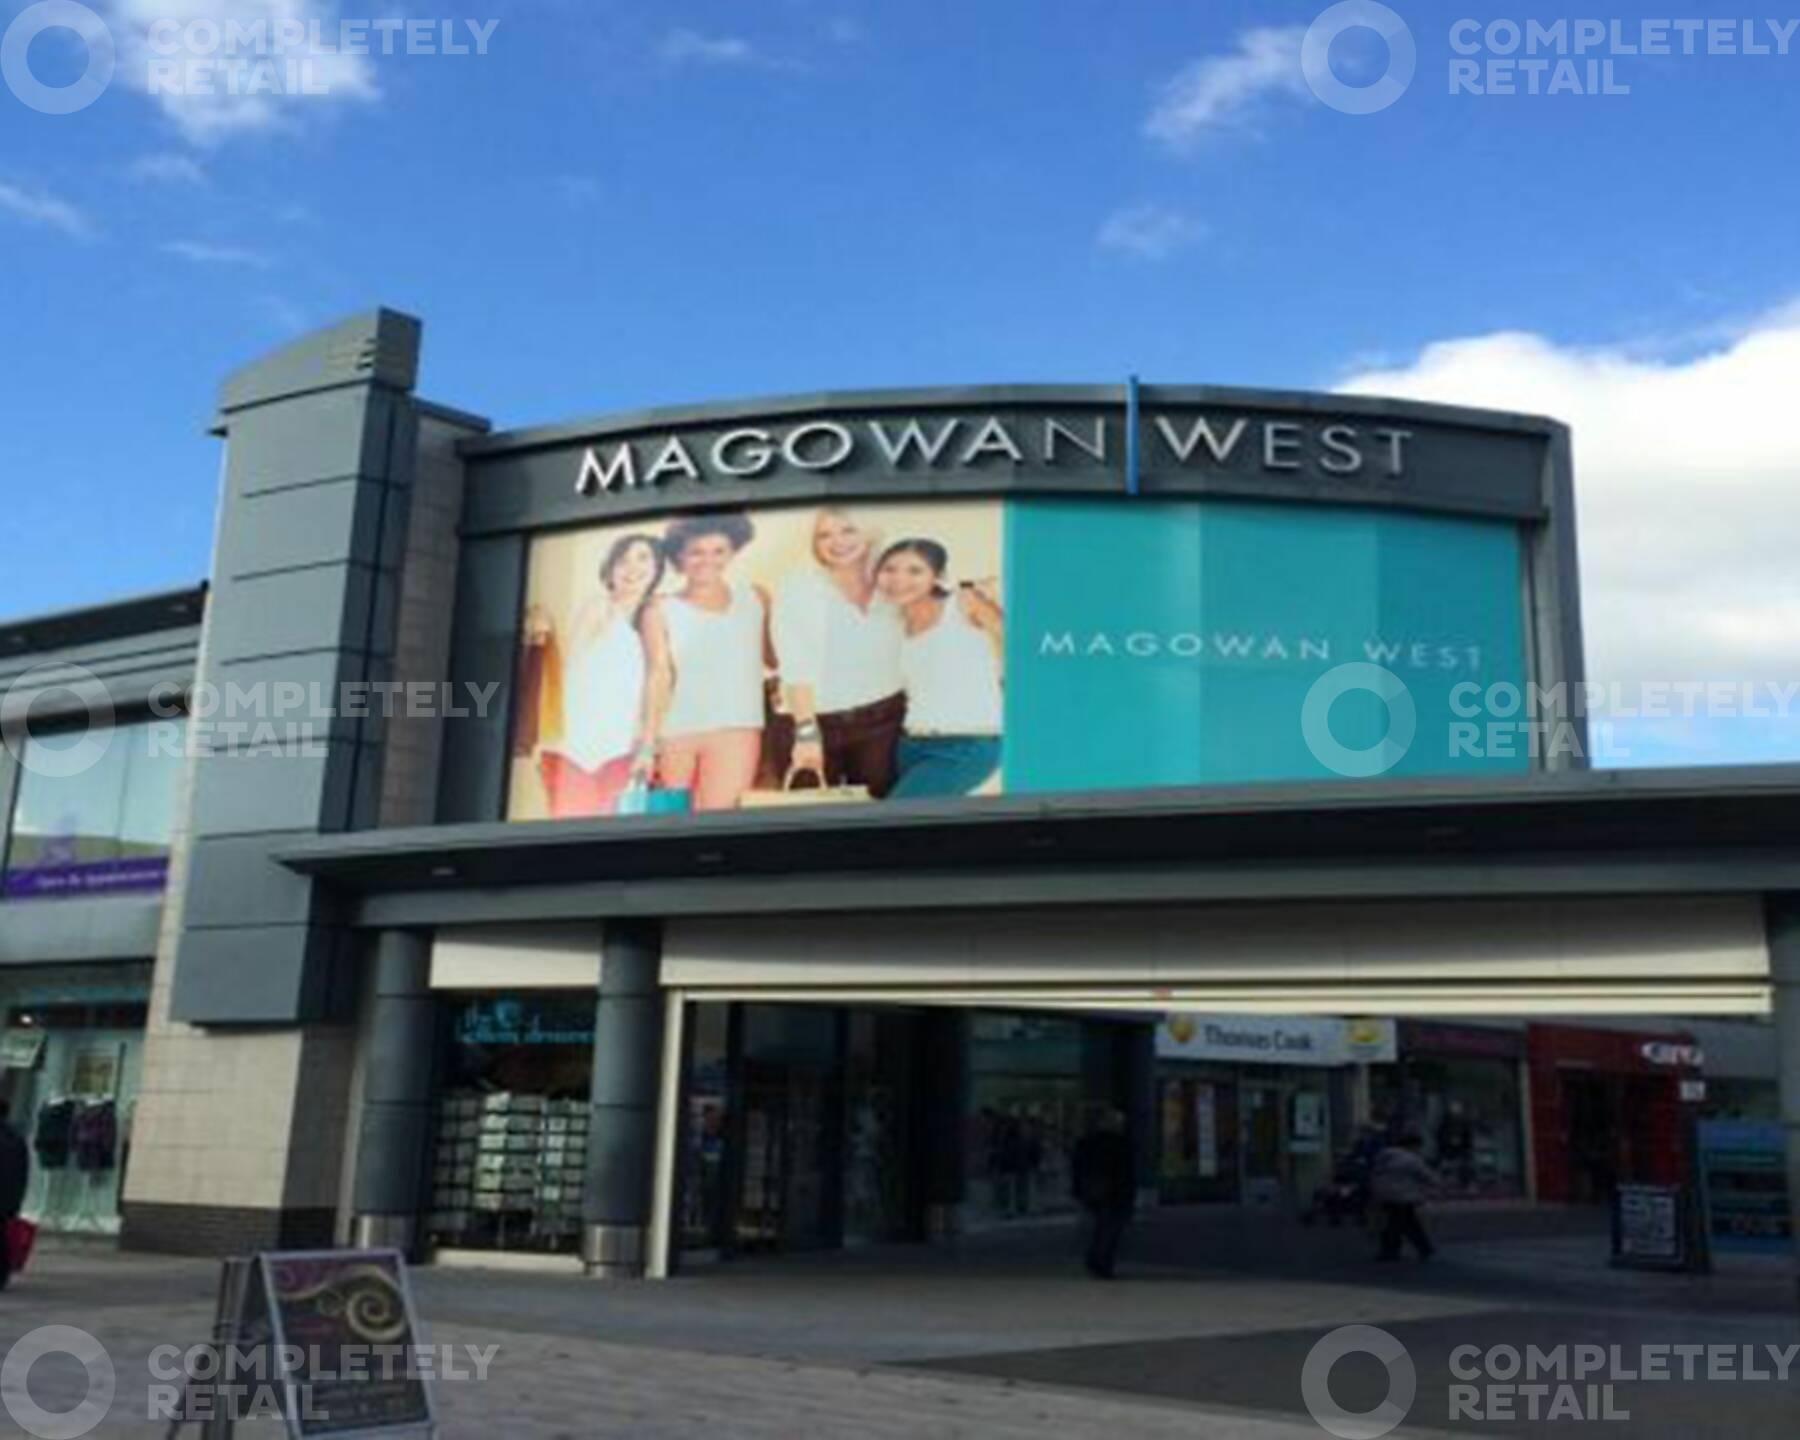 Magowan West Shopping Centre